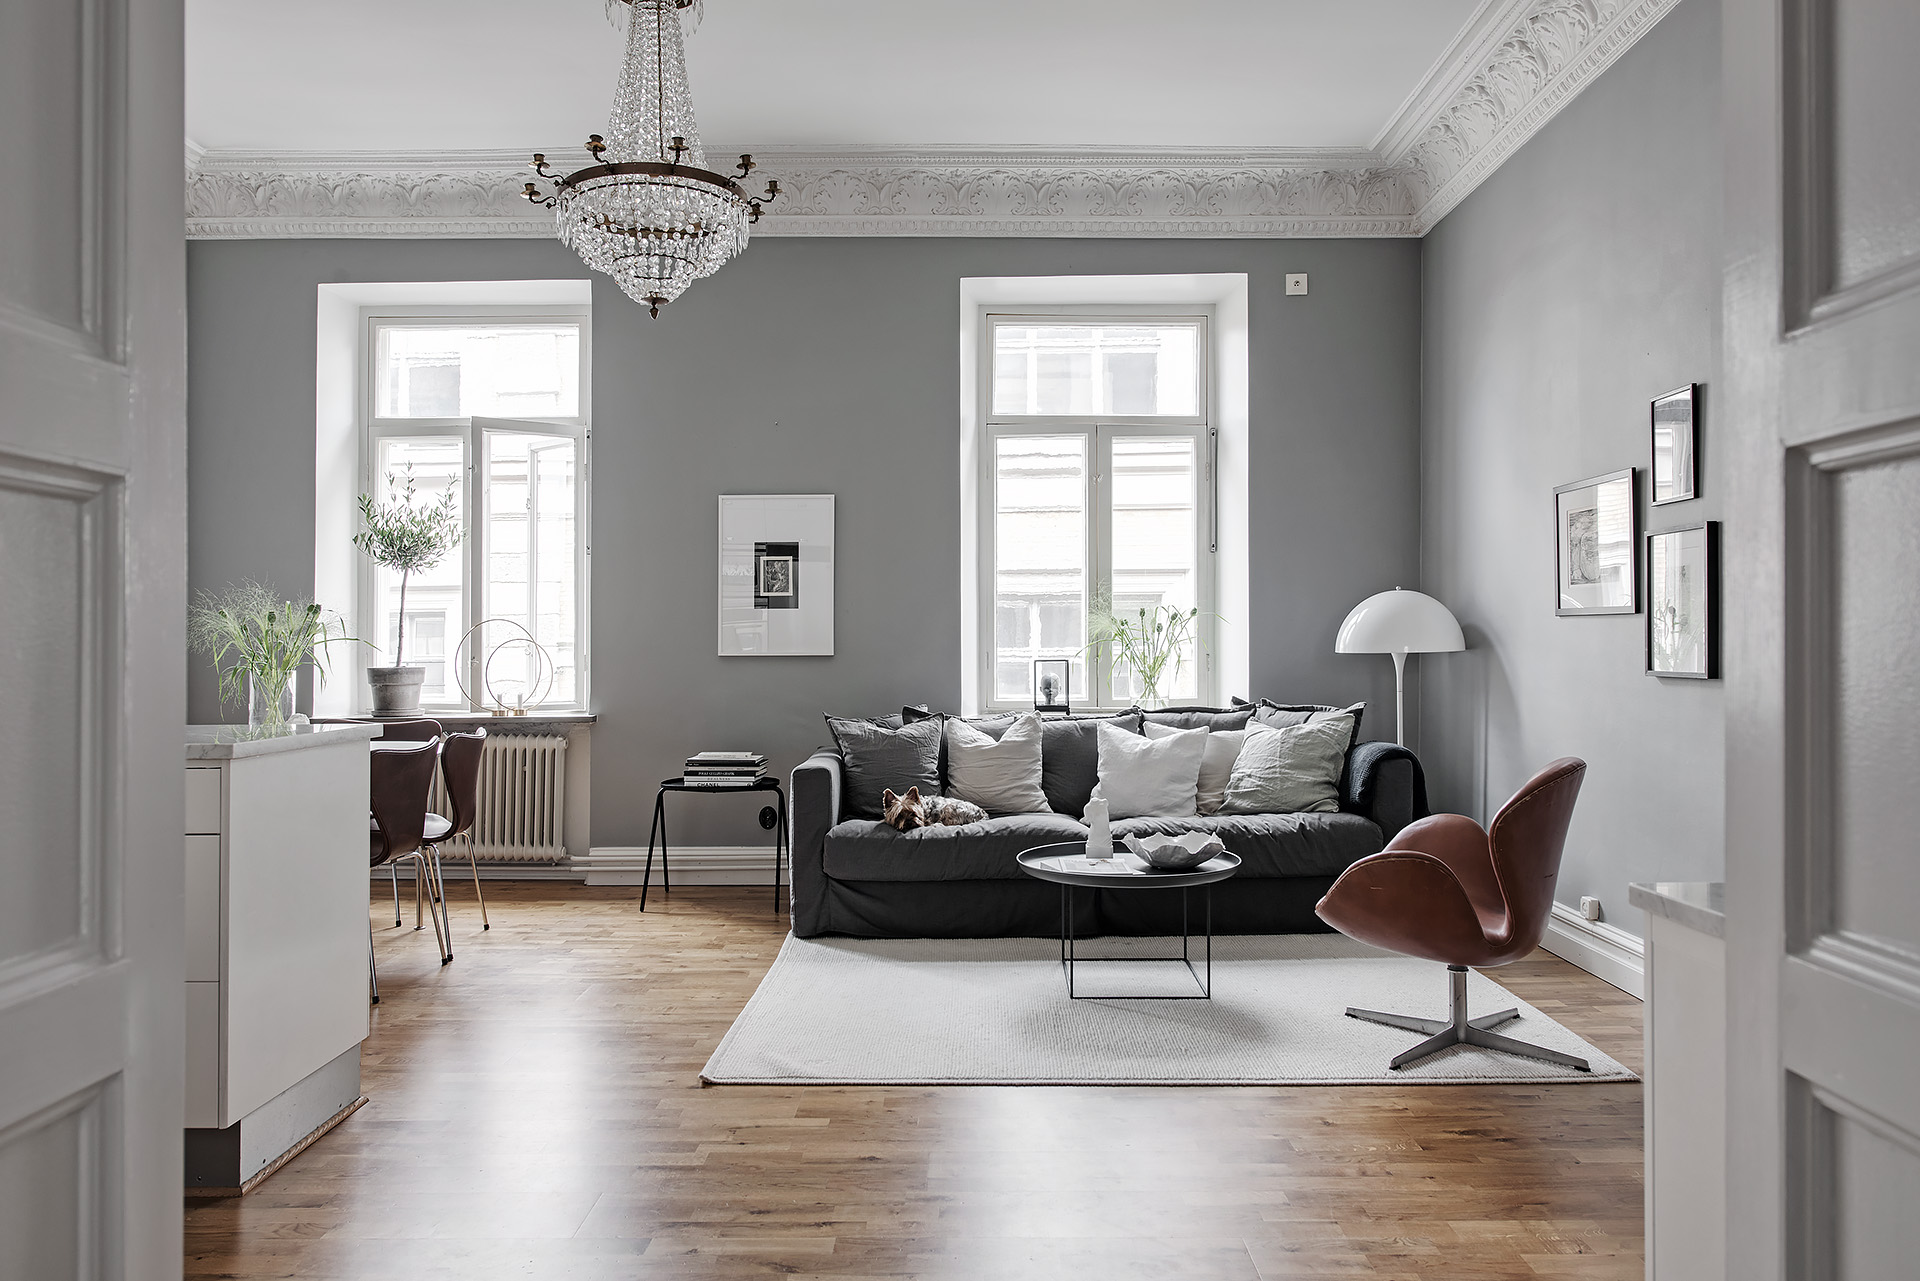 Beautiful and cozy home in grey coco lapine designcoco for Foto di case